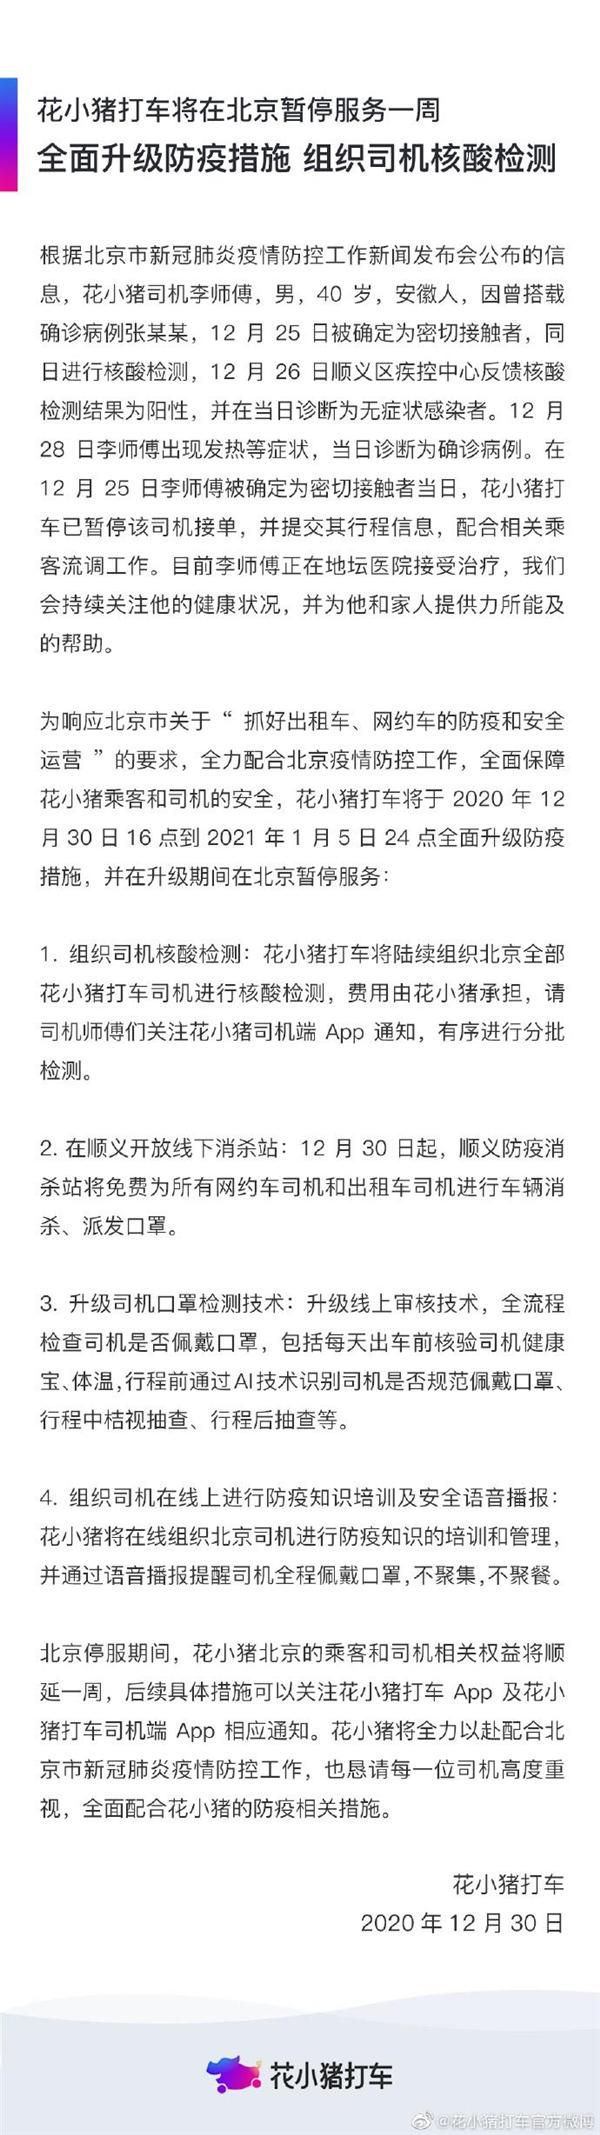 花小猪打车:今日起在北京暂停服务一周